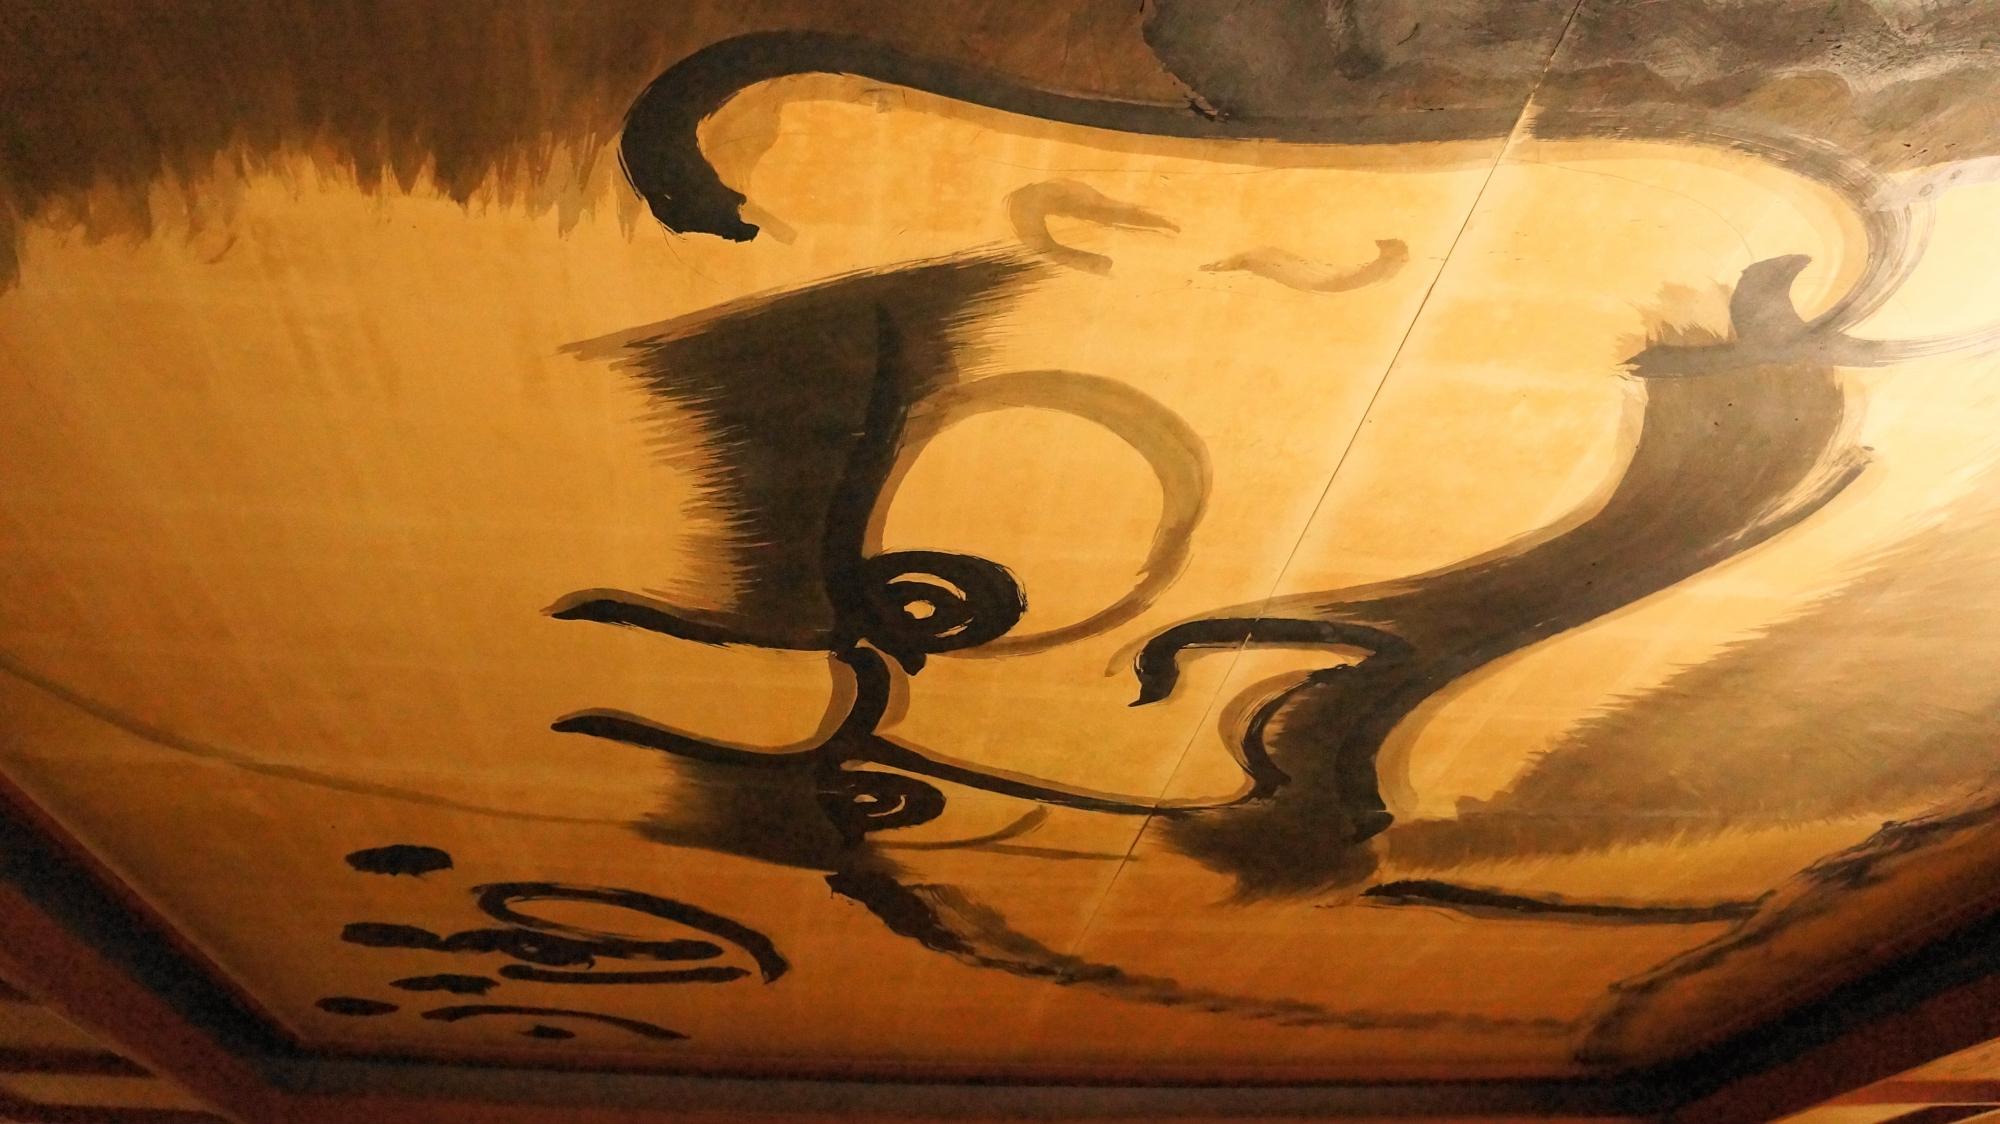 法輪寺(達磨寺)の衆聖堂の迫力の「達磨天井画」